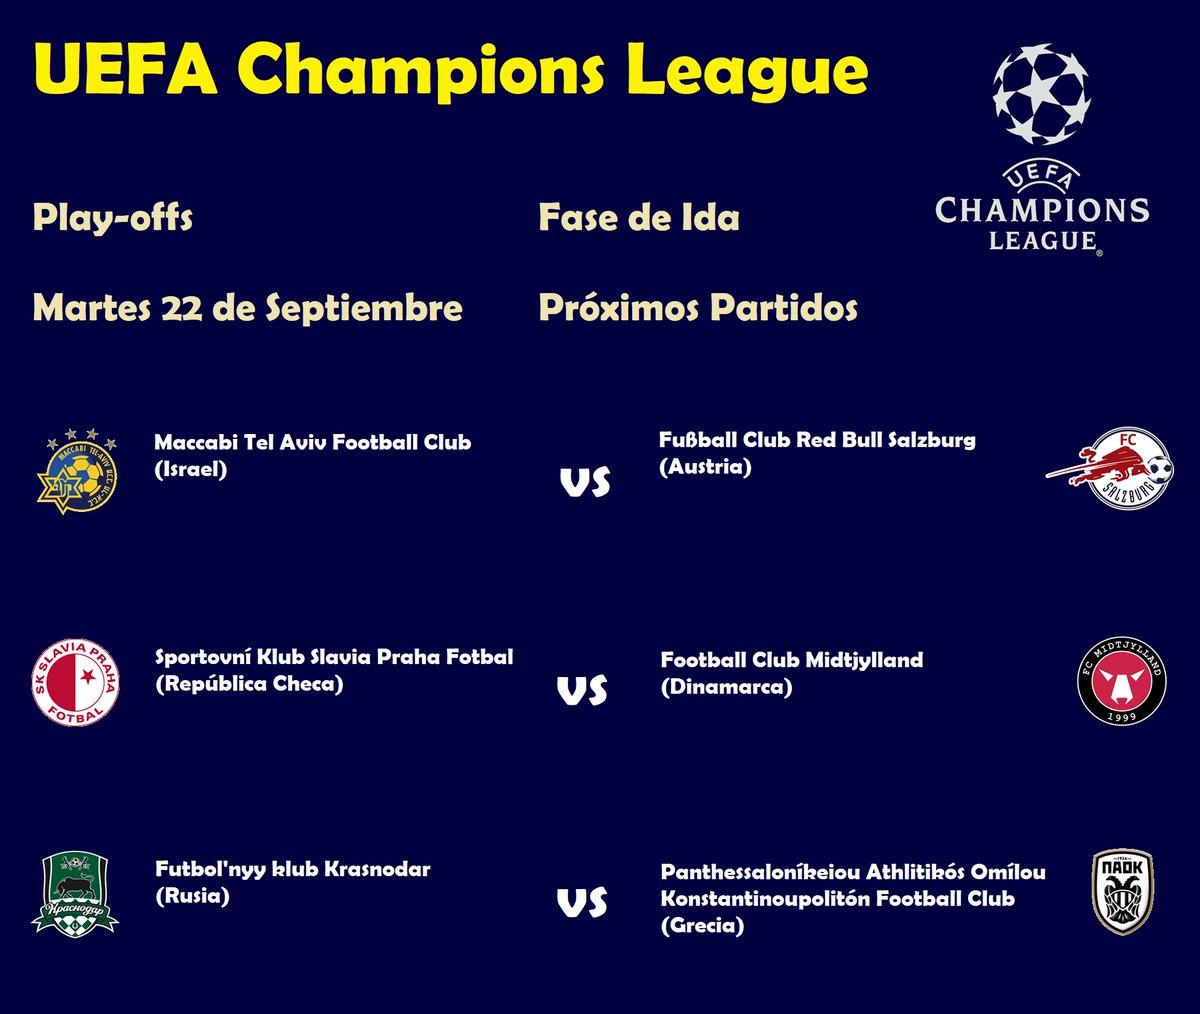 #UCL #Playoffs  #PartidosDeIda   La @ChampionsLeague regresó y comenzamos con la primera parte de los play-offs para ver los últimos, y los juegos de hoy, @MaccabiTLVFC vs @RedBullSalzburg, @slaviaofficial vs @fcmidtjylland y @FCKrasnodar  vs @PAOK_FC serán a las 2:00 p.m. (MEX). https://t.co/H4RsT6bz7w